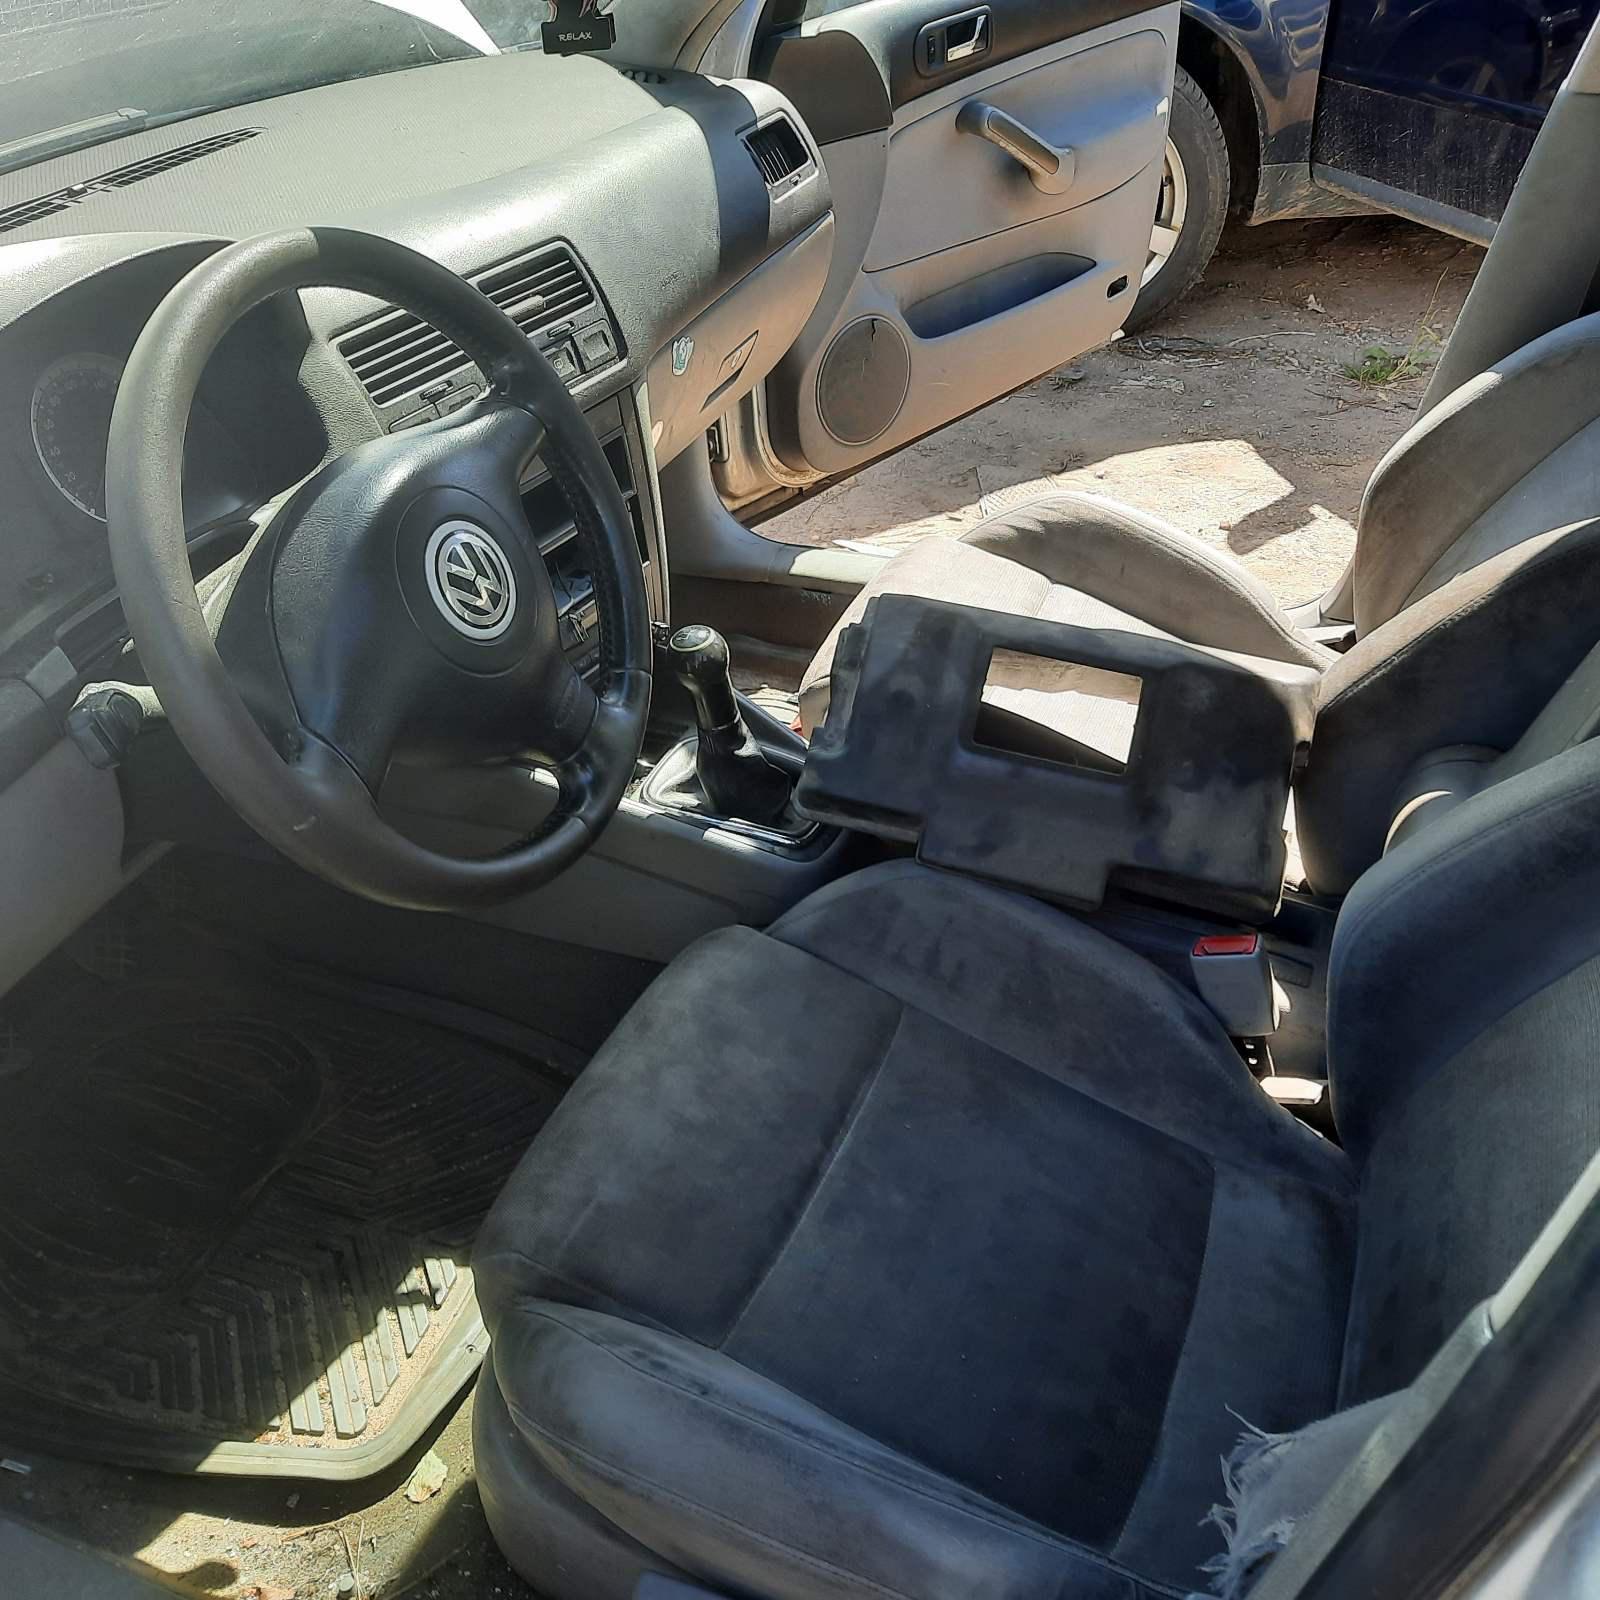 Подержанные Автозапчасти Volkswagen BORA 2002 1.9 машиностроение седан 4/5 d. Серый 2021-6-16